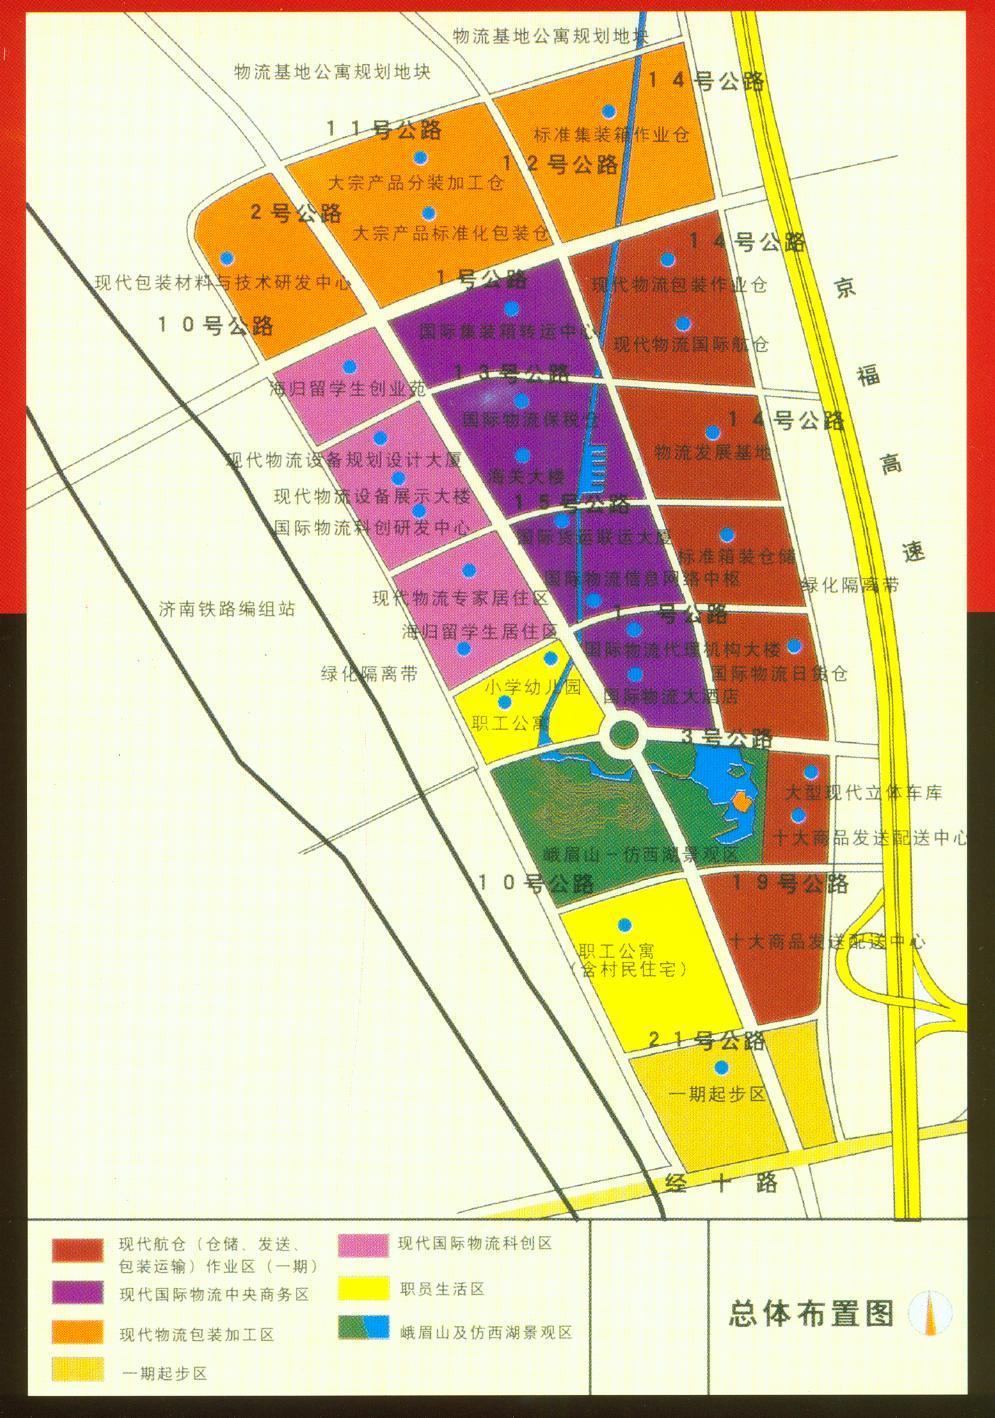 团城山街道线路图